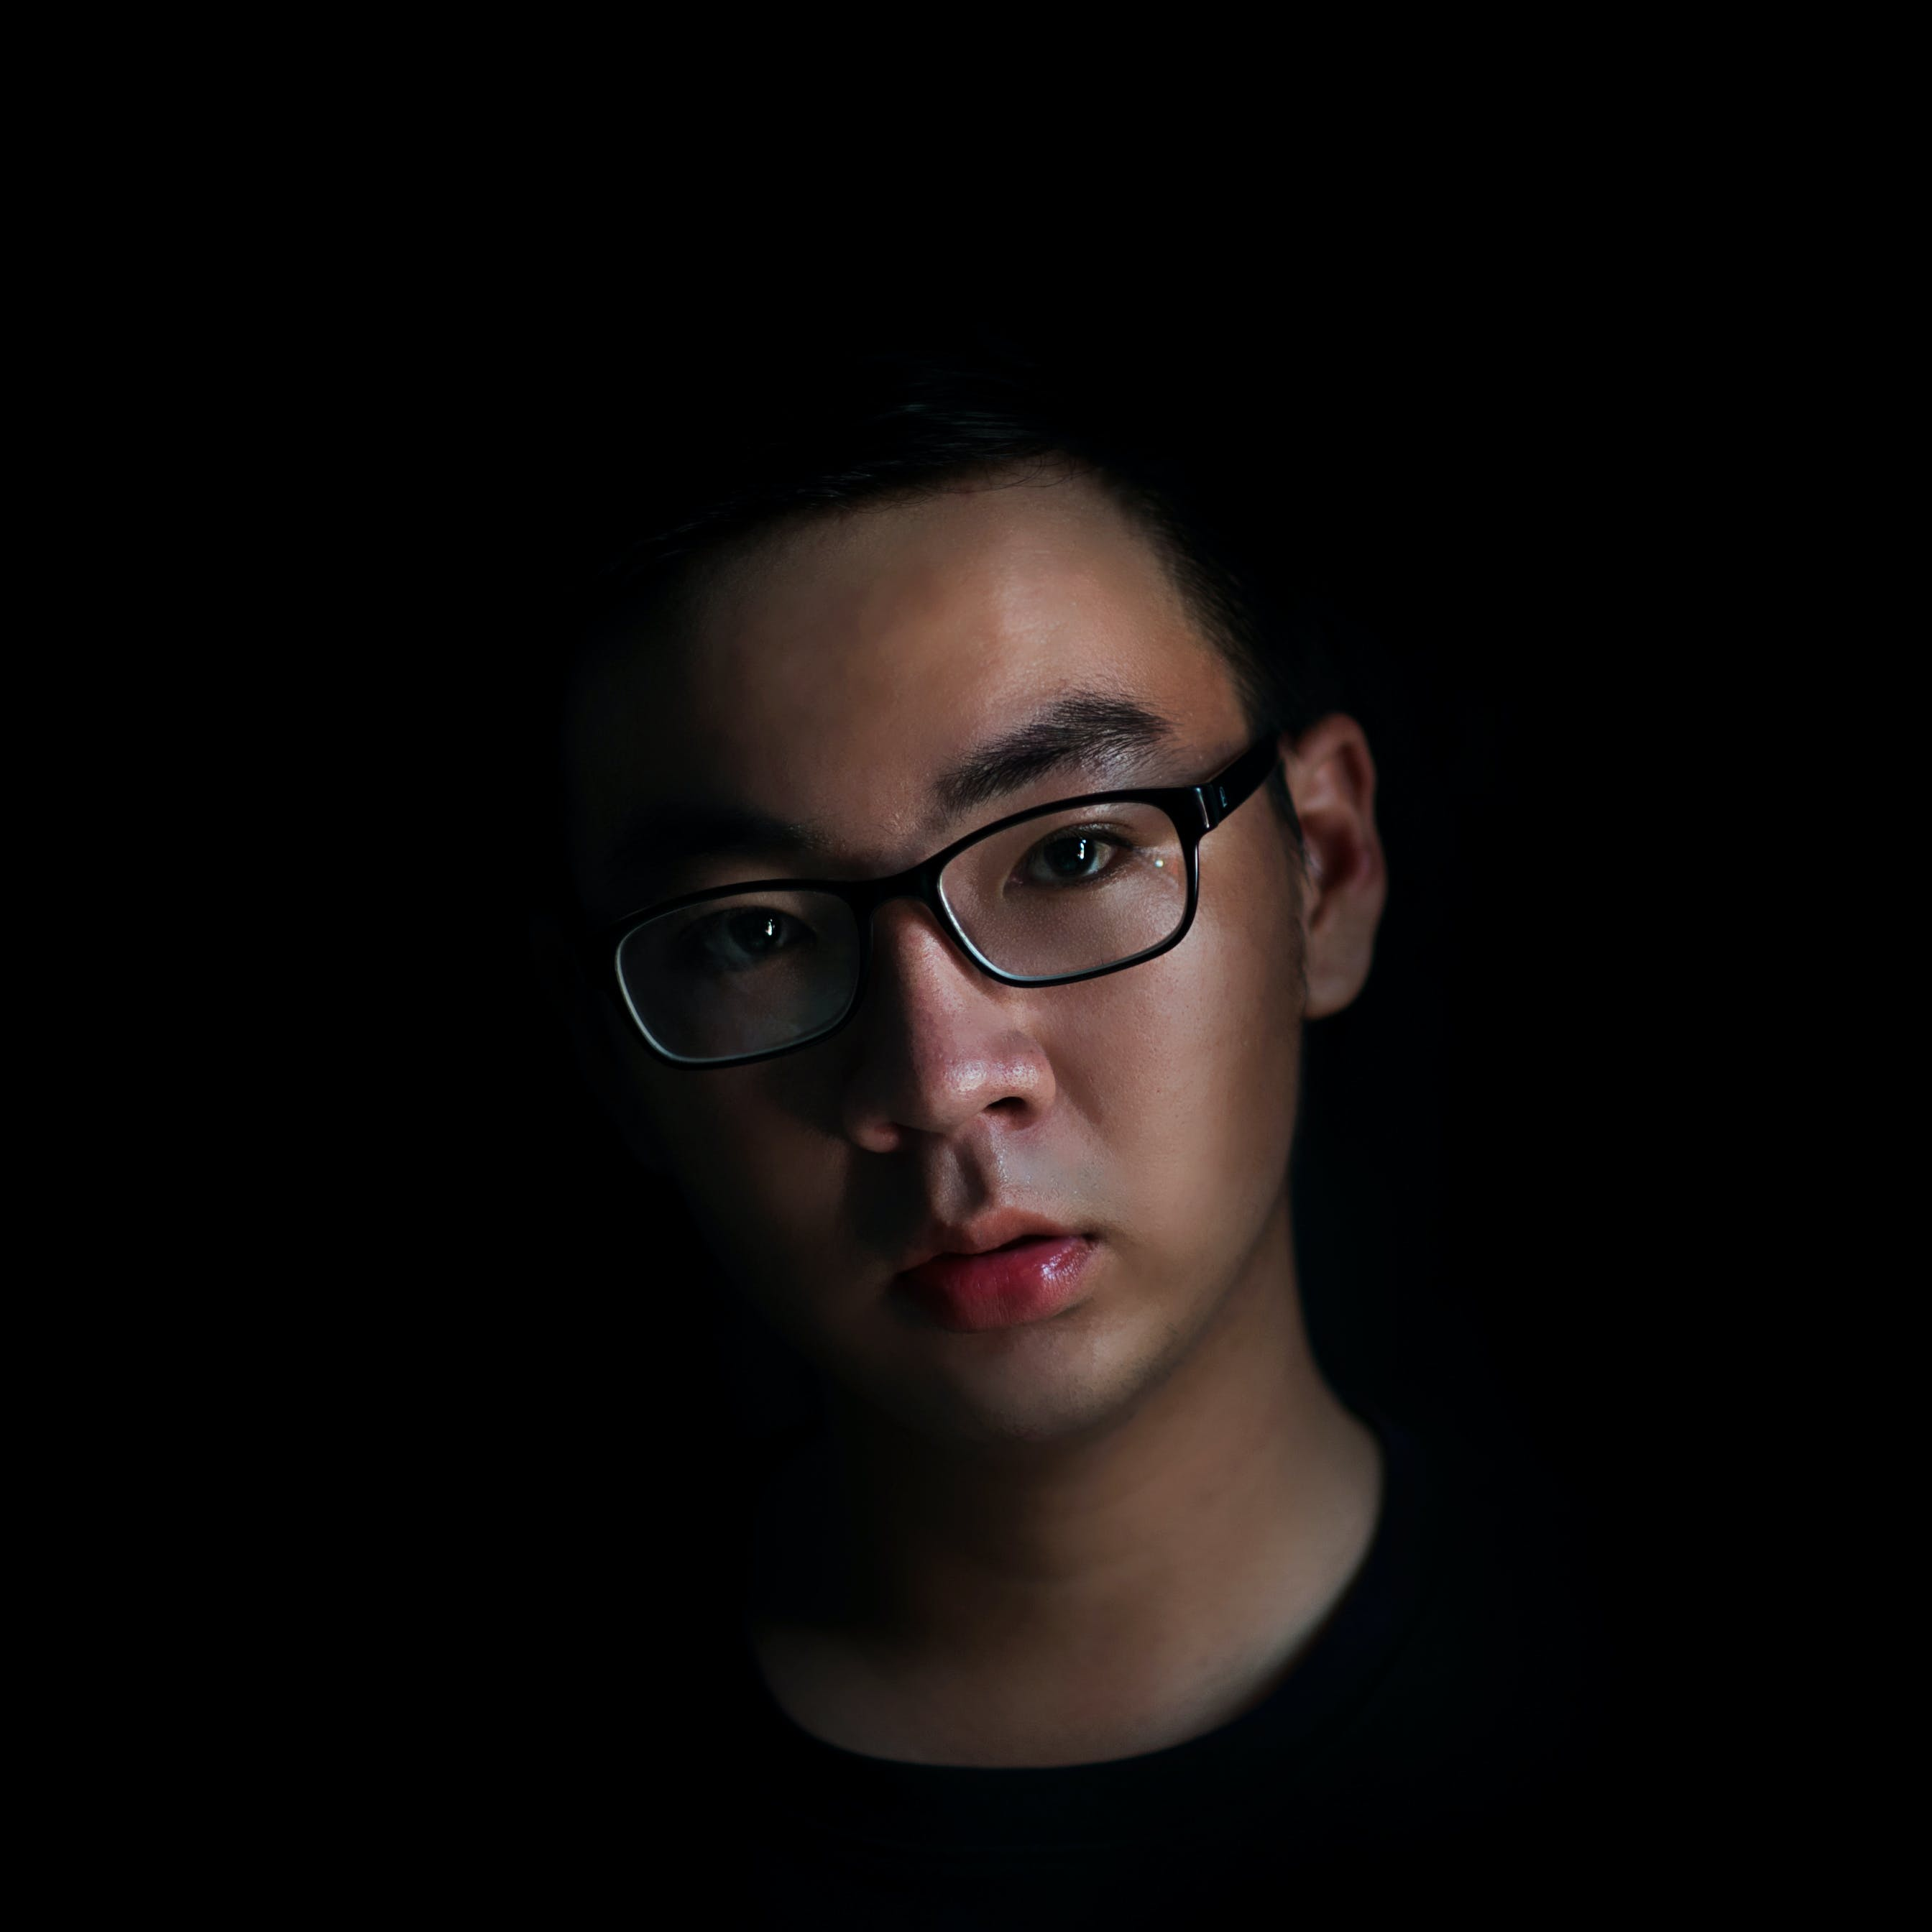 Man Wearing Black Eyeglasses